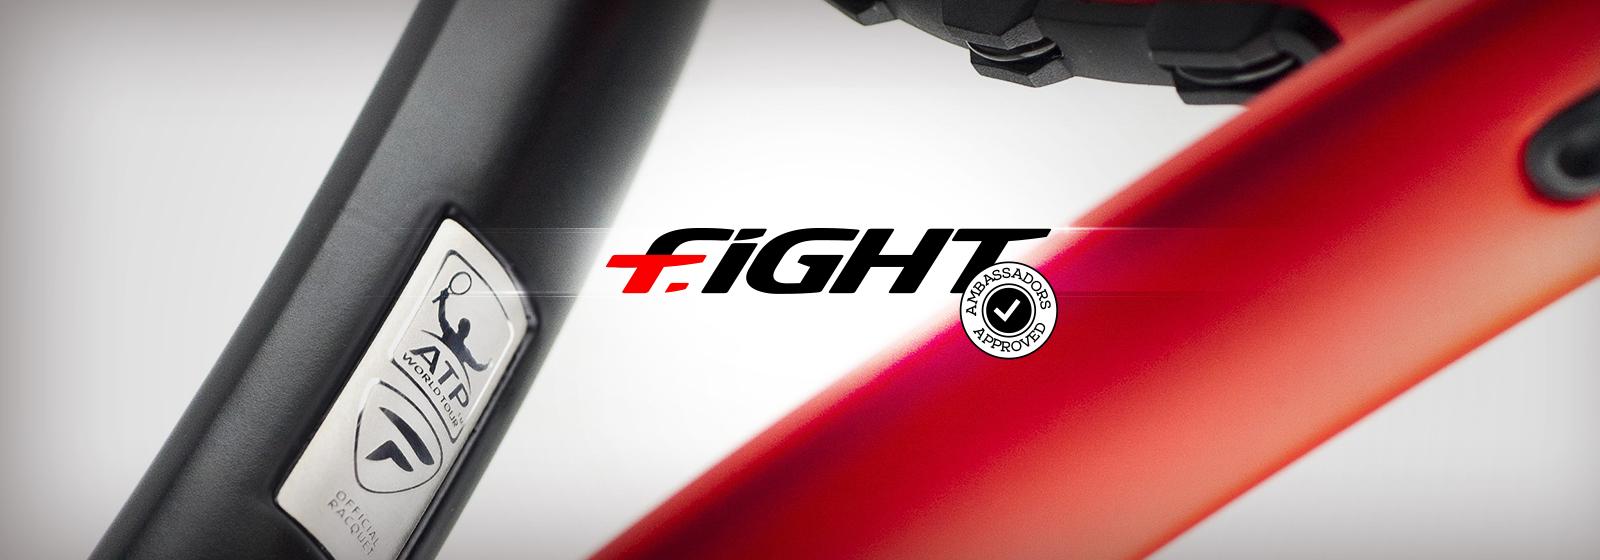 tfight-header